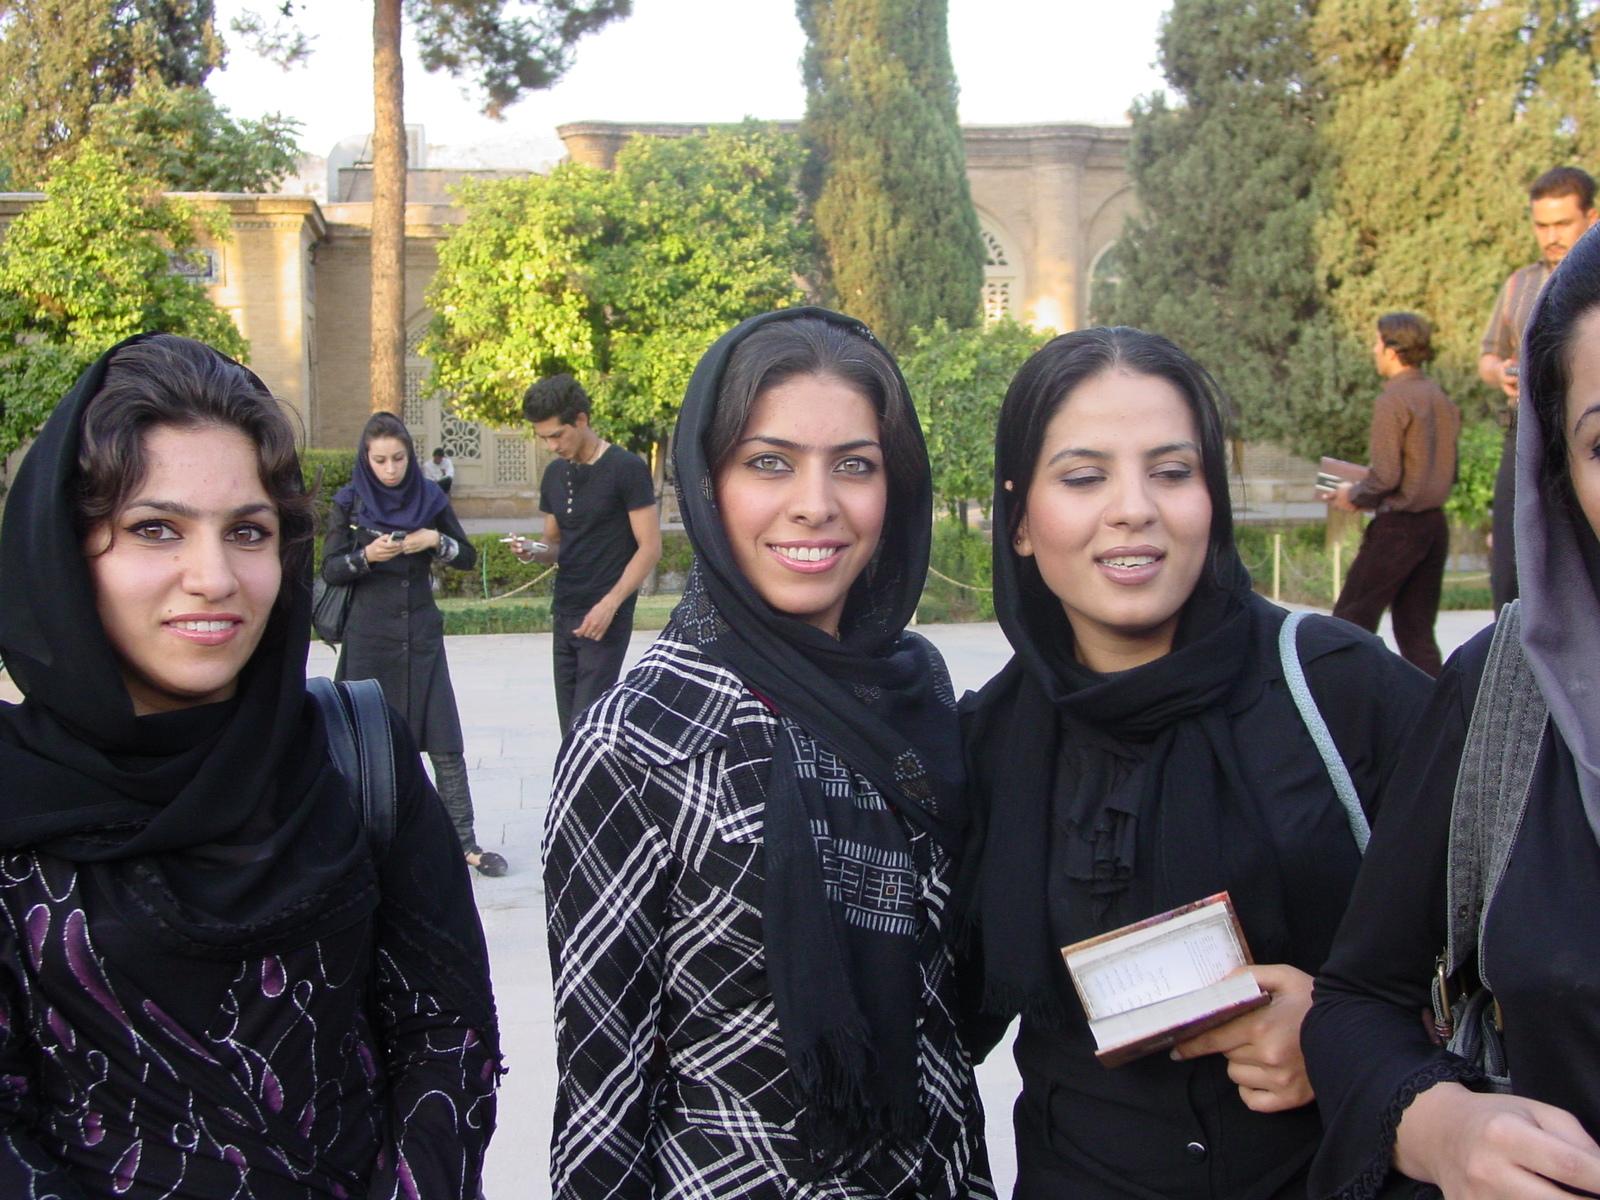 muslims meet jesus christ through dreams